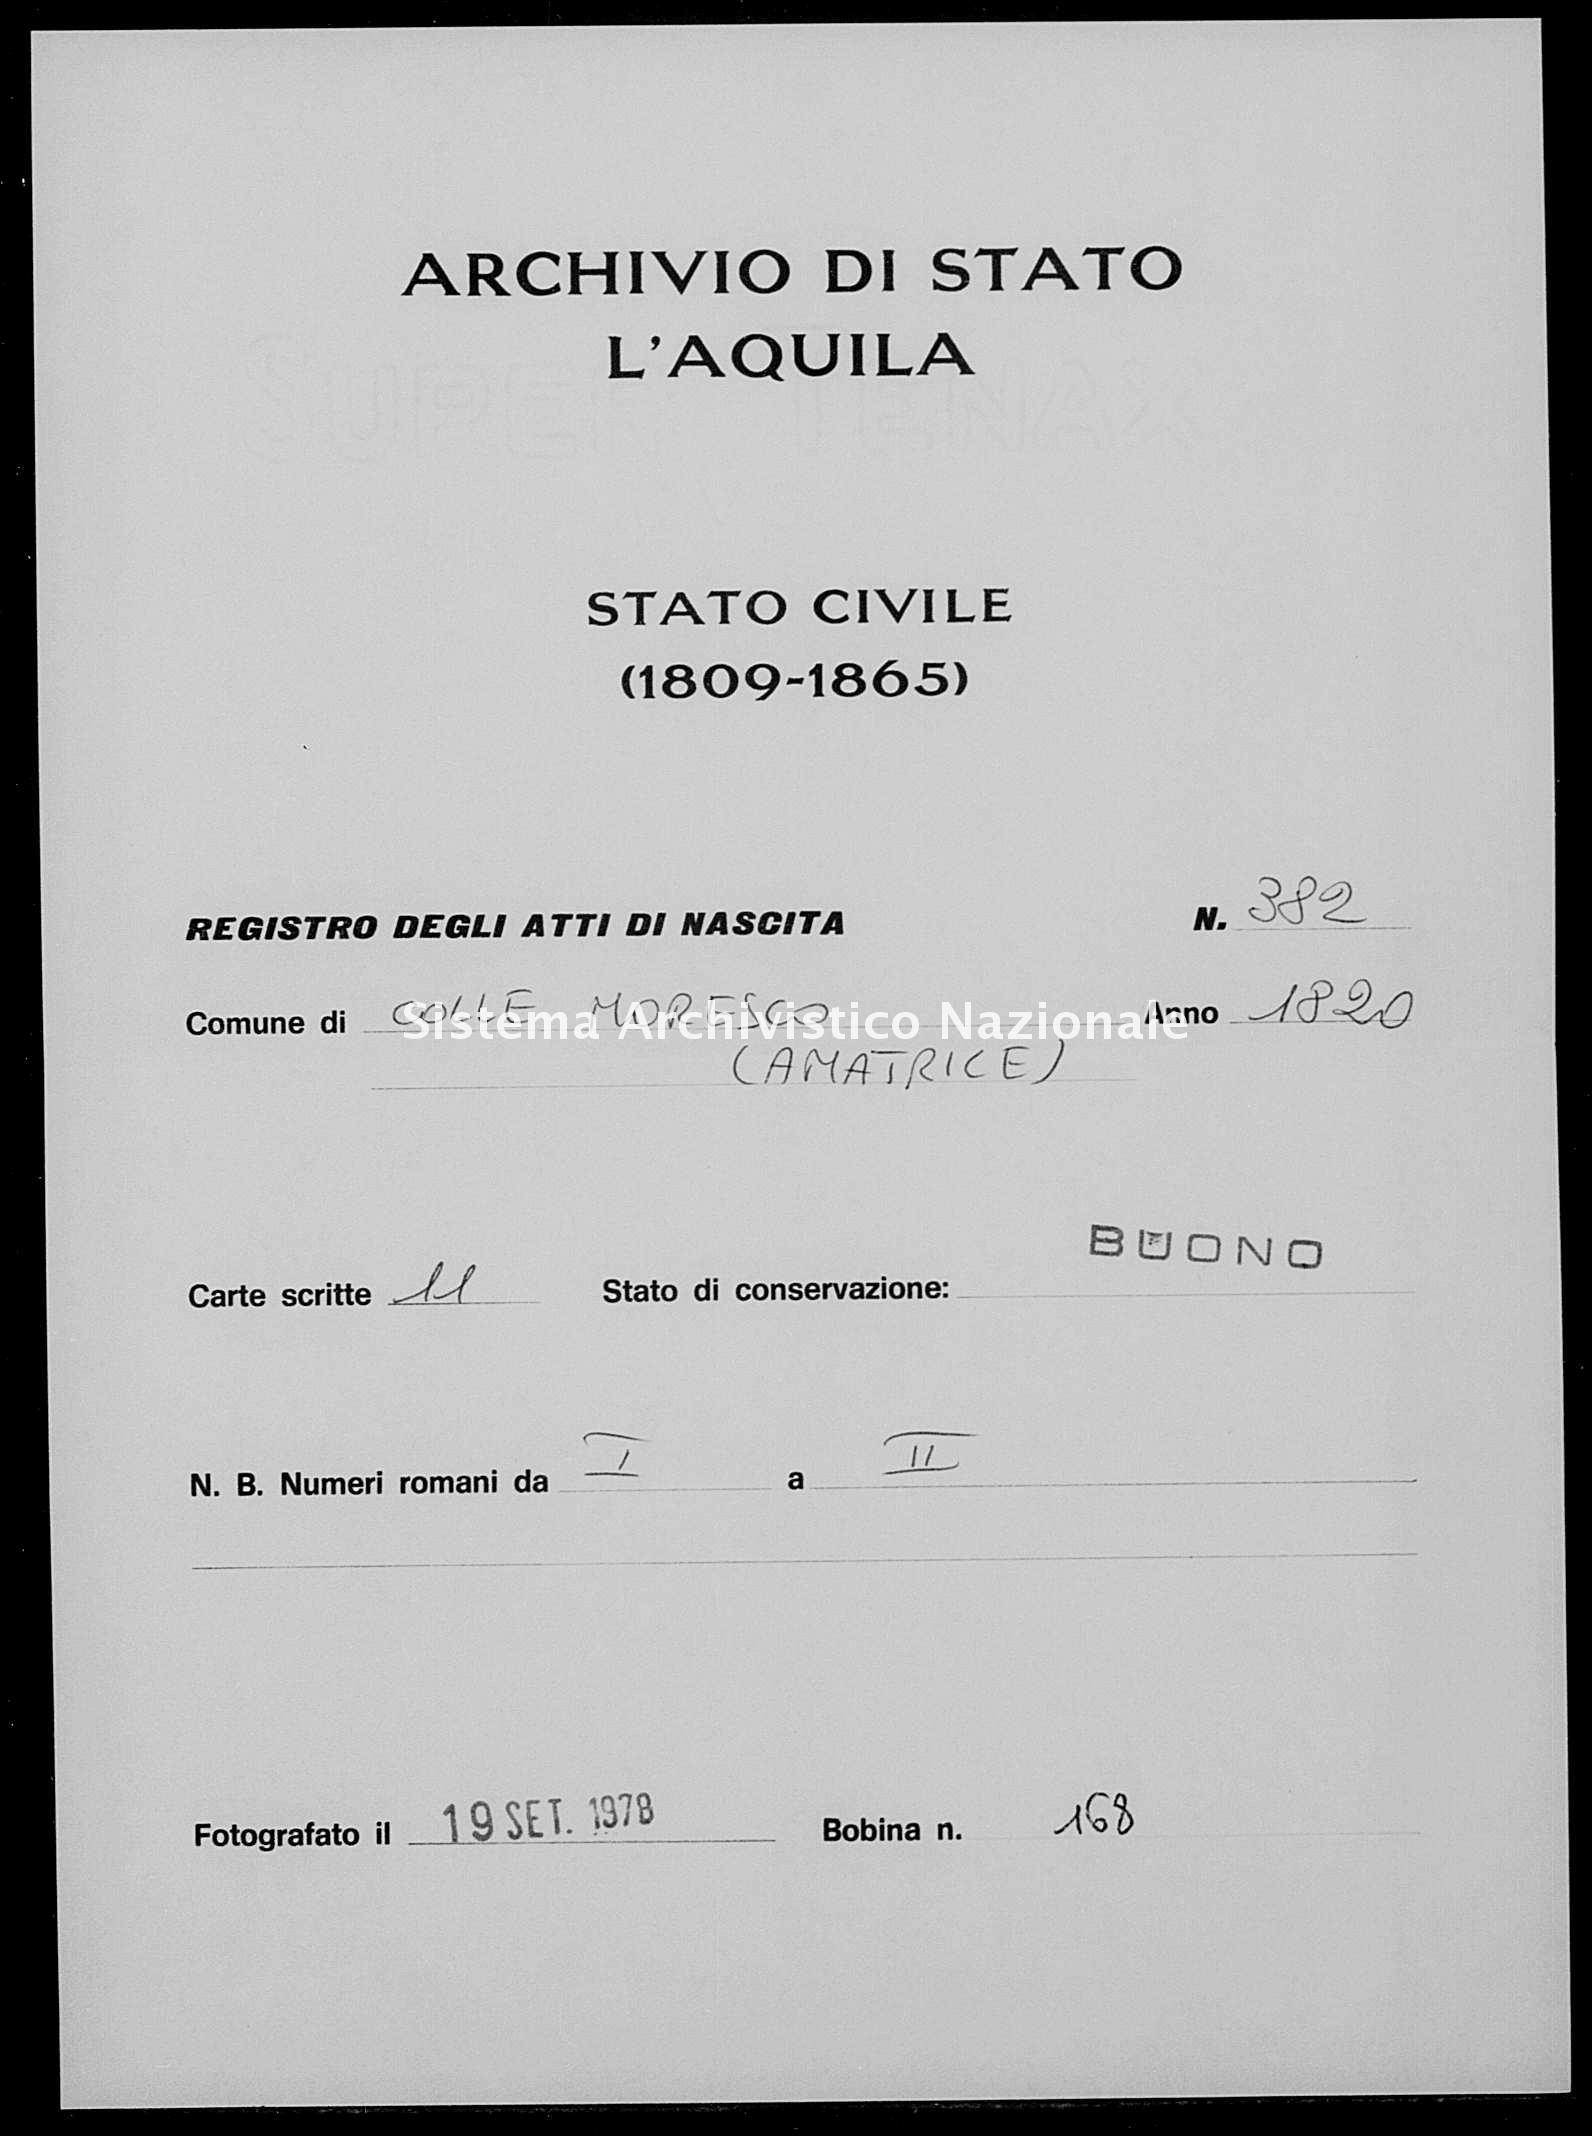 Archivio di stato di L'aquila - Stato civile della restaurazione - Collemoresco - Nati - 1820 - 382 -